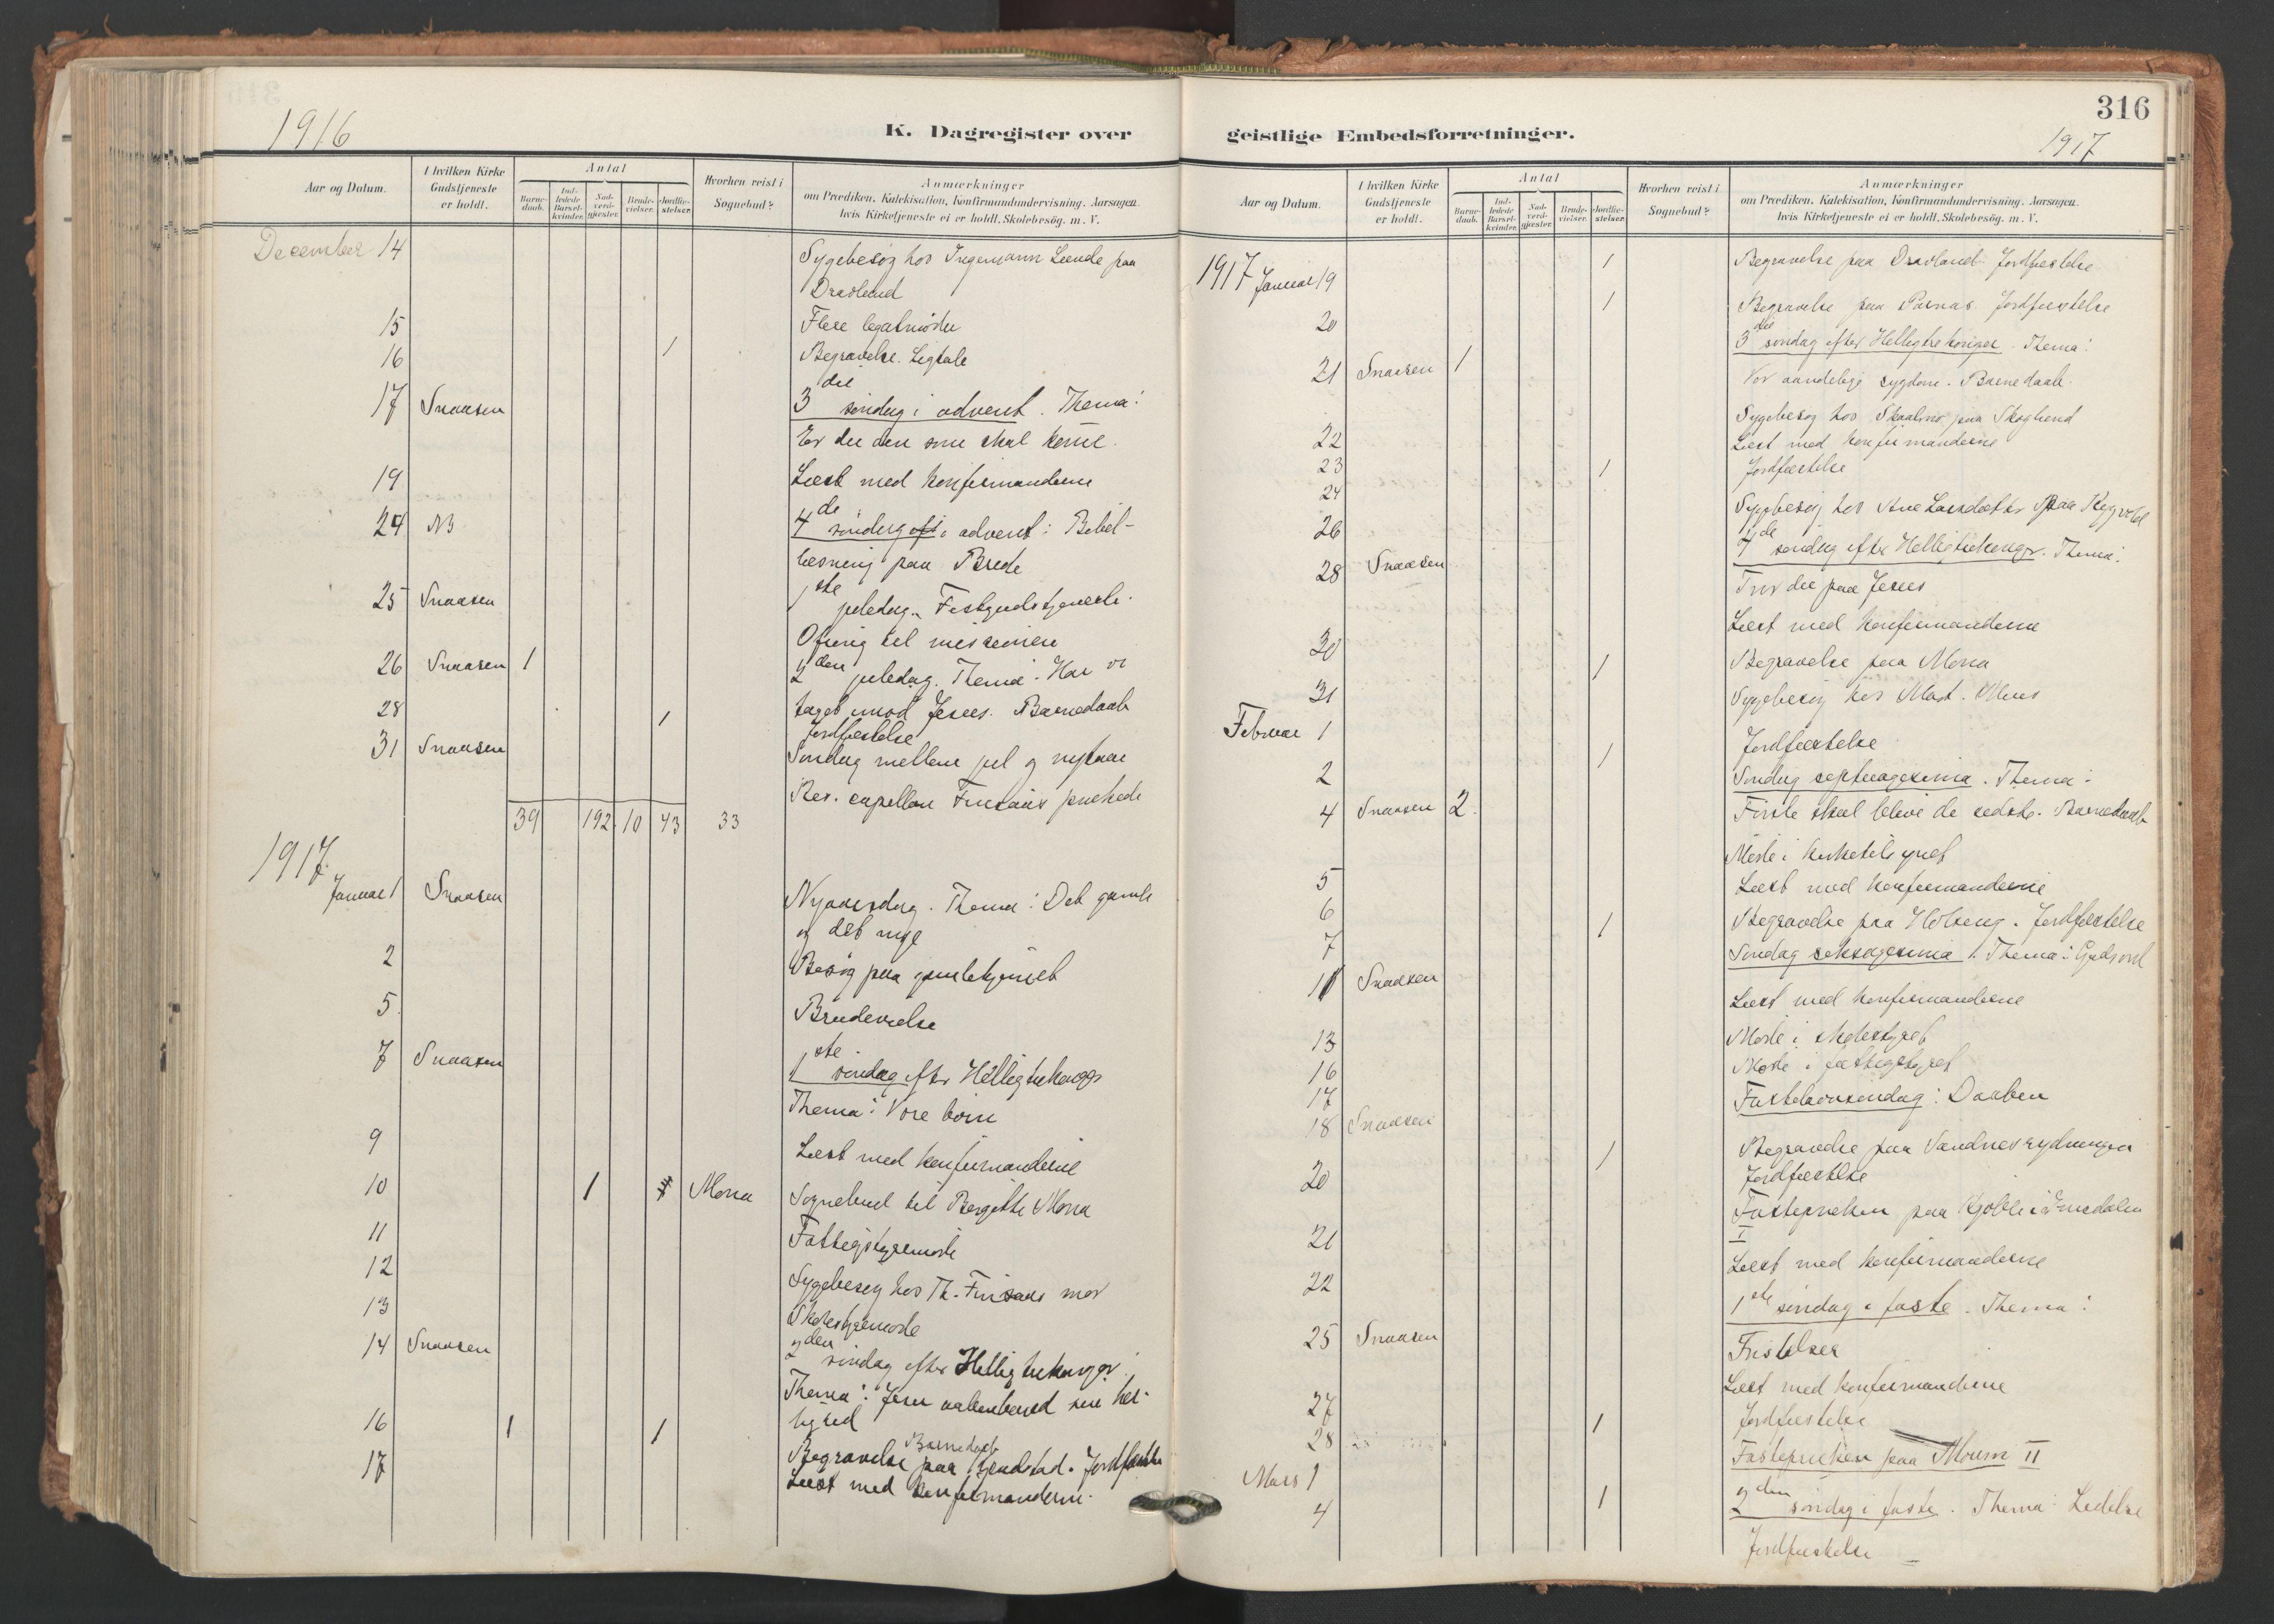 SAT, Ministerialprotokoller, klokkerbøker og fødselsregistre - Nord-Trøndelag, 749/L0477: Ministerialbok nr. 749A11, 1902-1927, s. 316